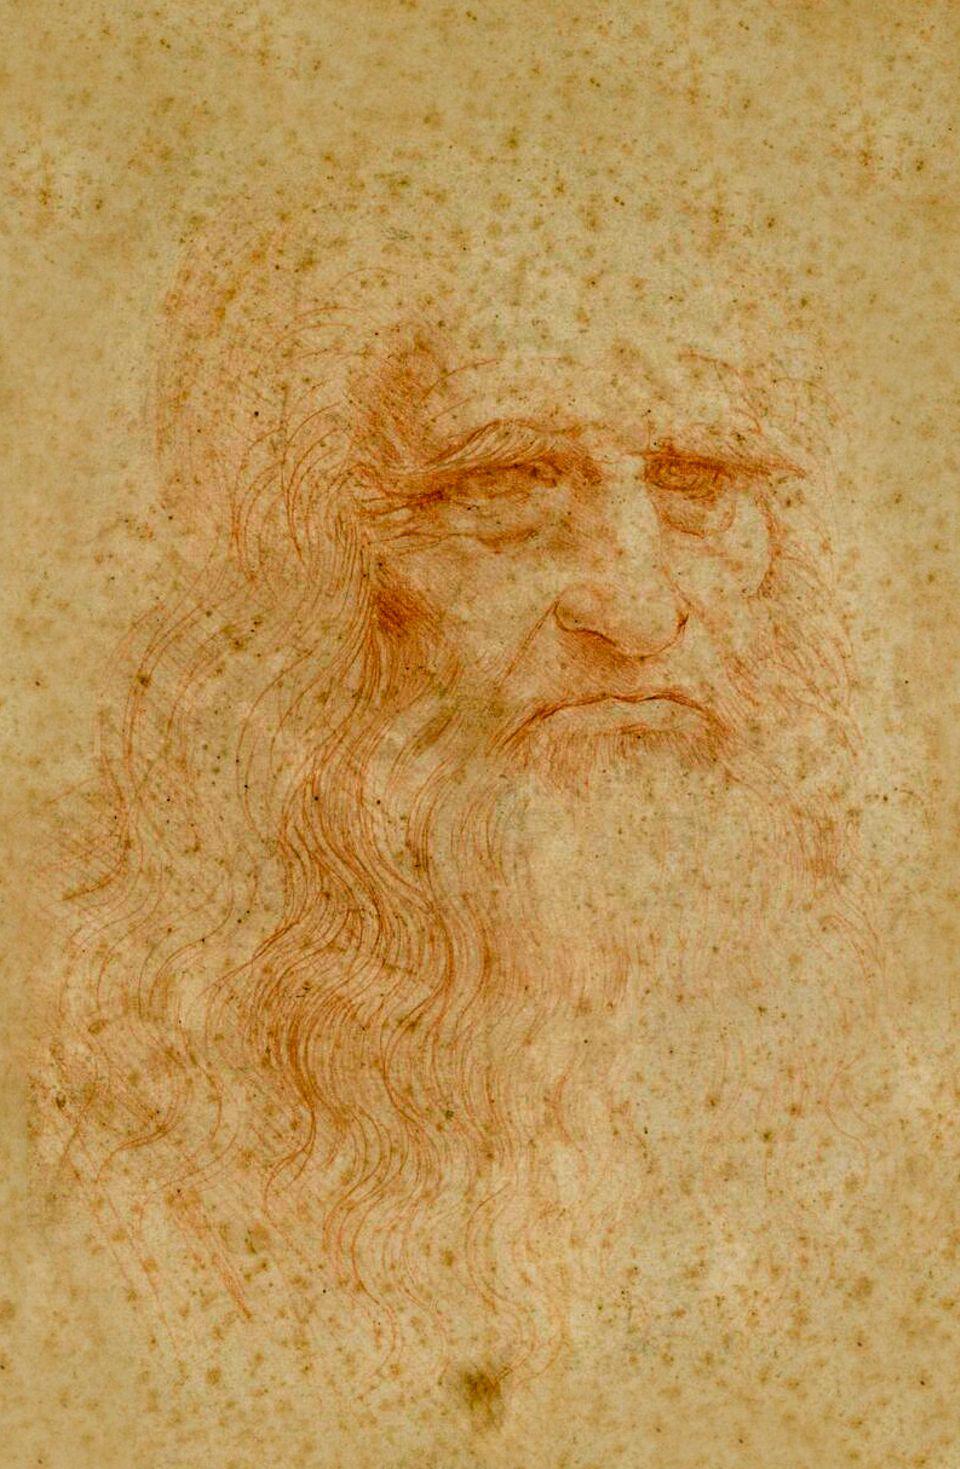 Neue Forschungen haben erwiesen, dass das vermeintliche »Selbstporträt« nicht Leonardo zeigt.